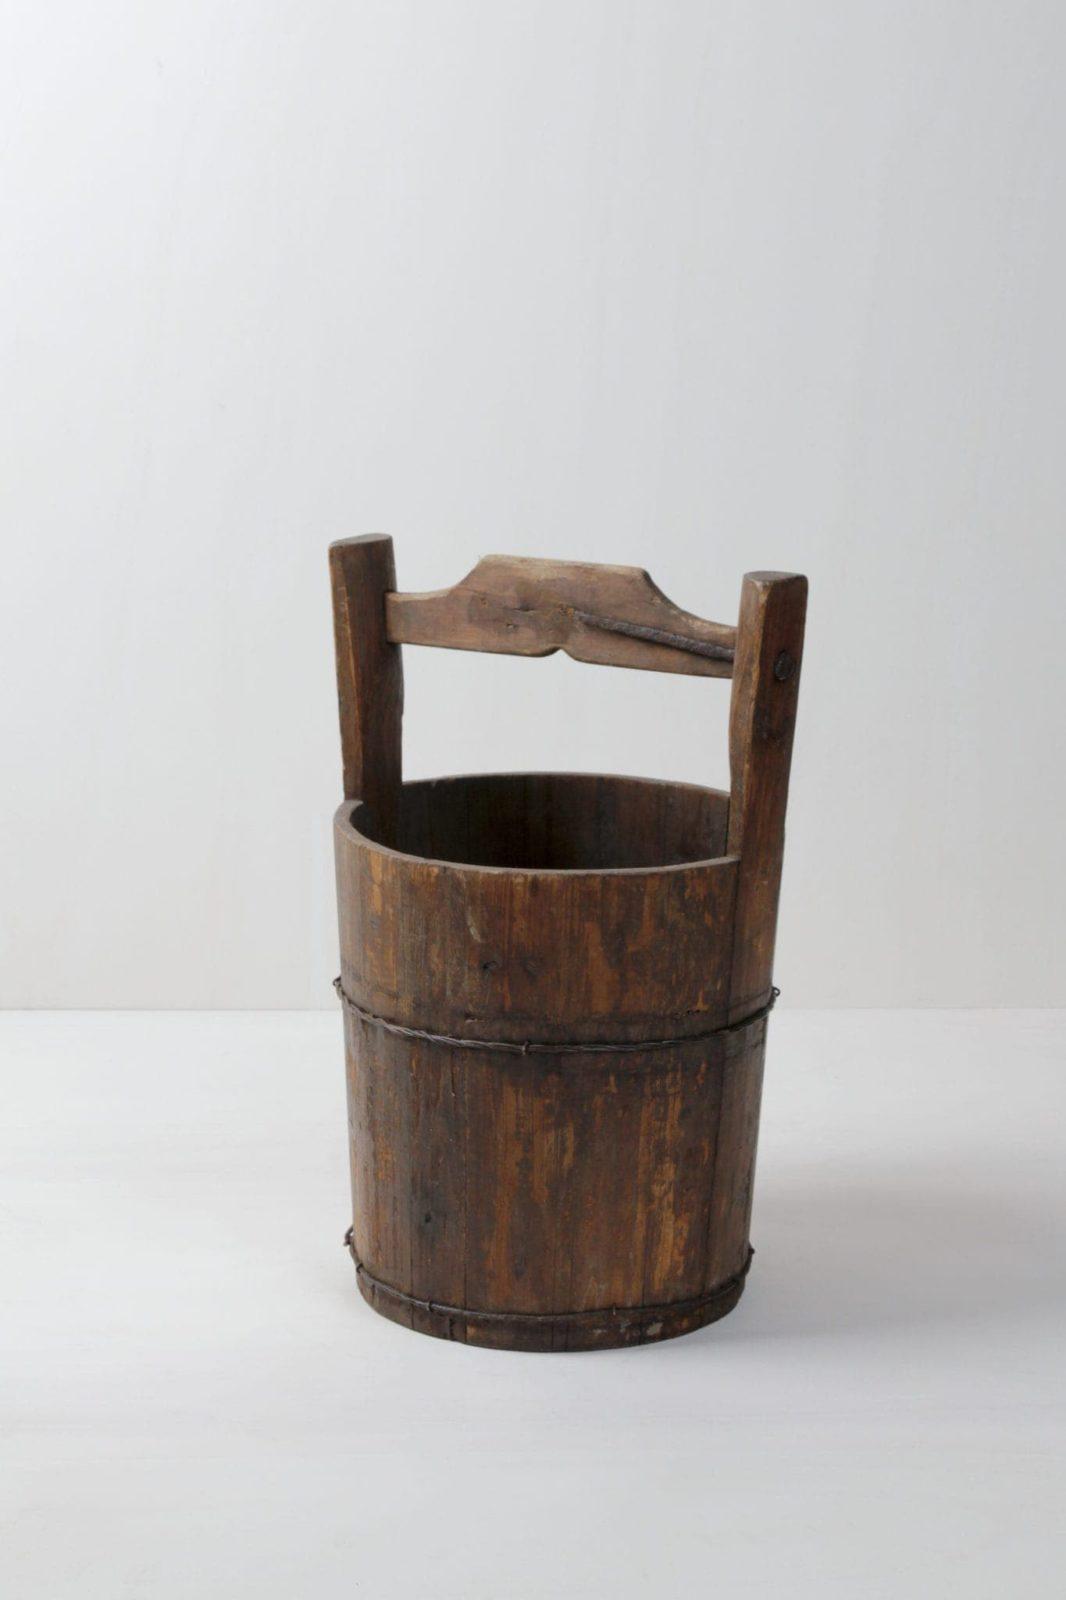 Wassereimer Jago M | Alter Wassereimer aus Holz. Auch in einer kleineren Größe verfügbar. Siehe Wassereimer Paco. | gotvintage Rental & Event Design